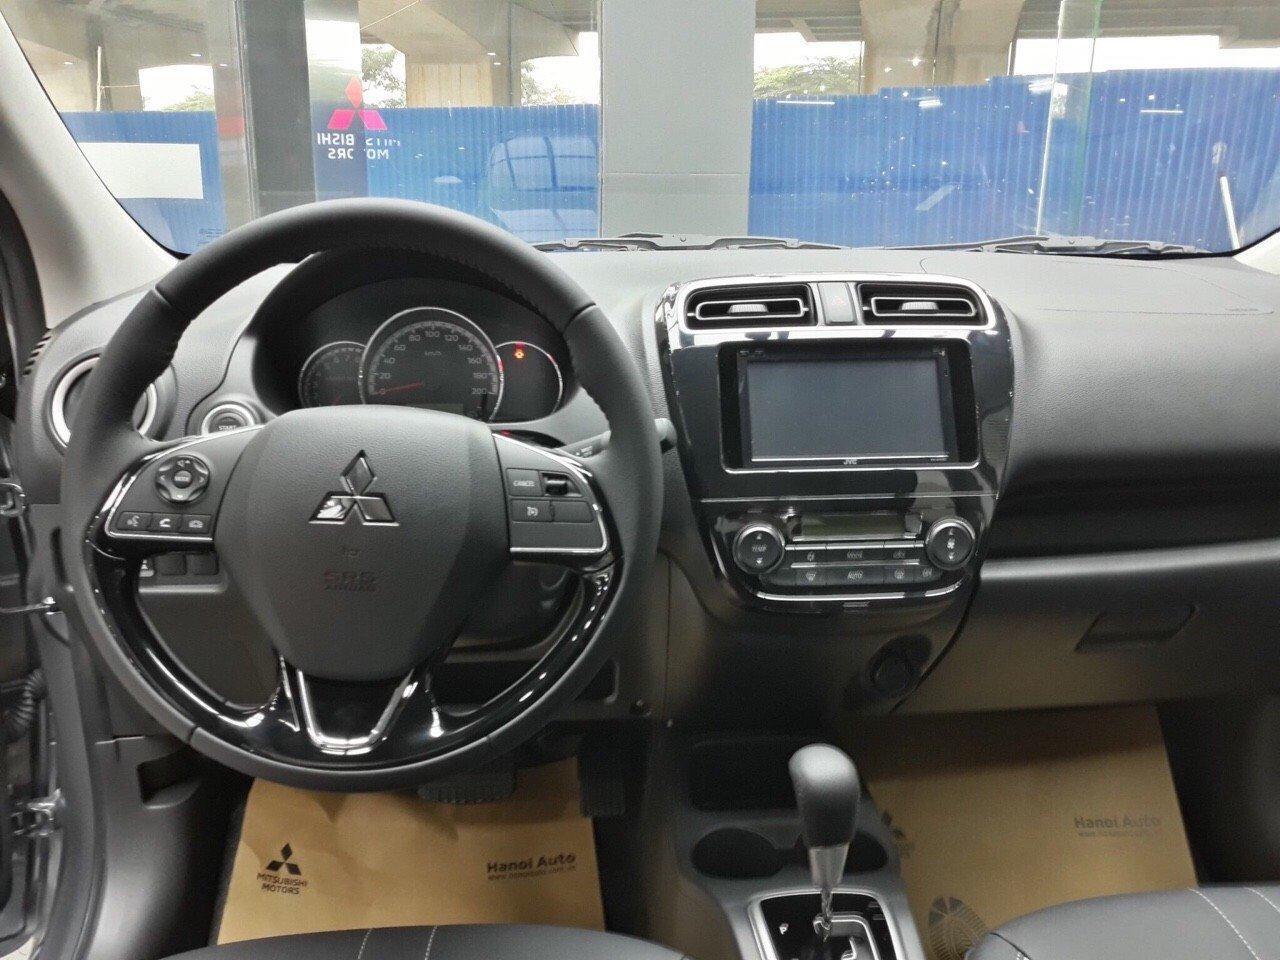 mua-xe-attrage-2020-tra-gop